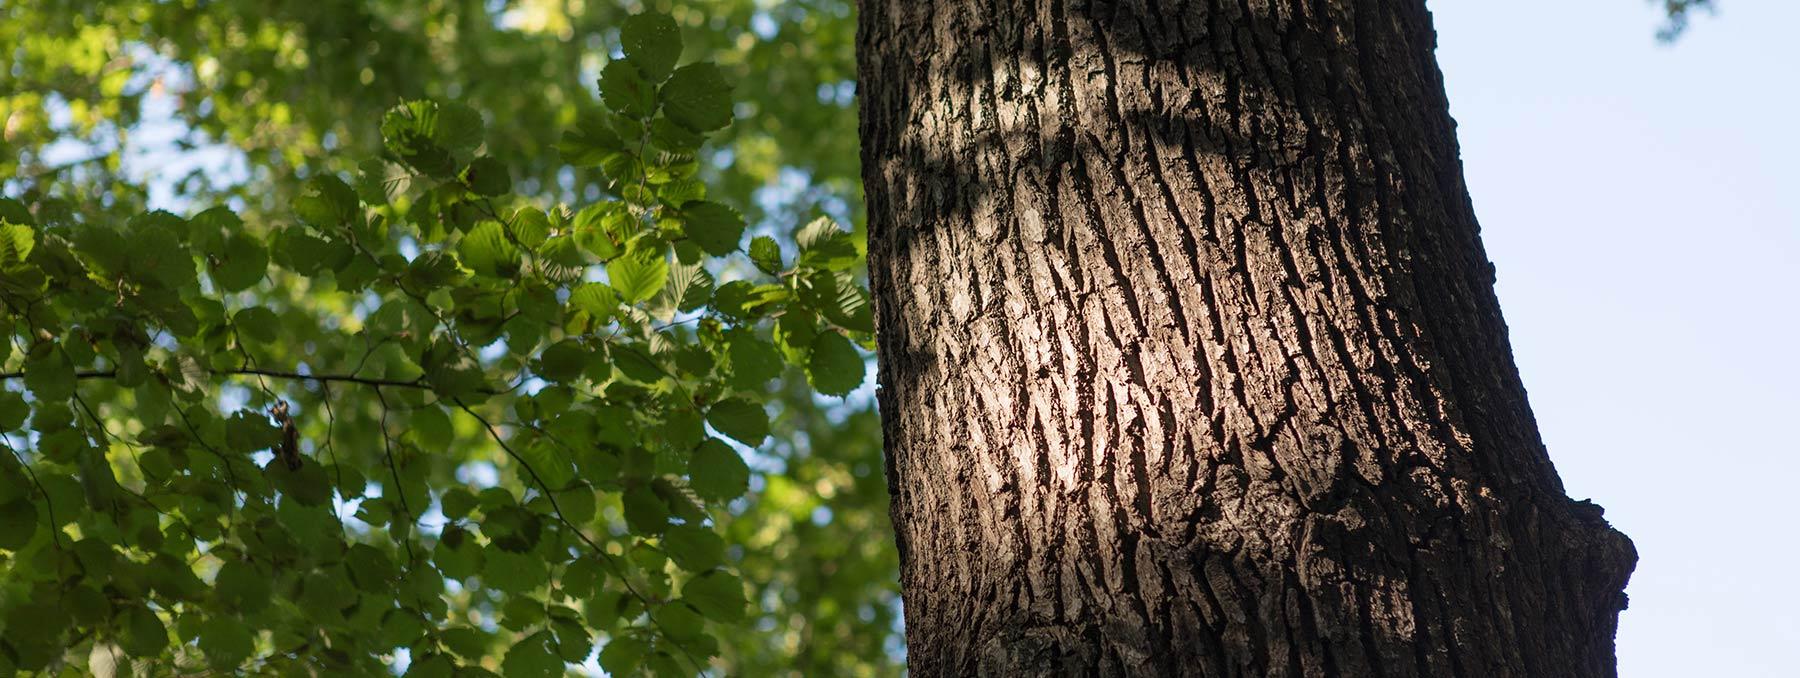 Gesunder Baum